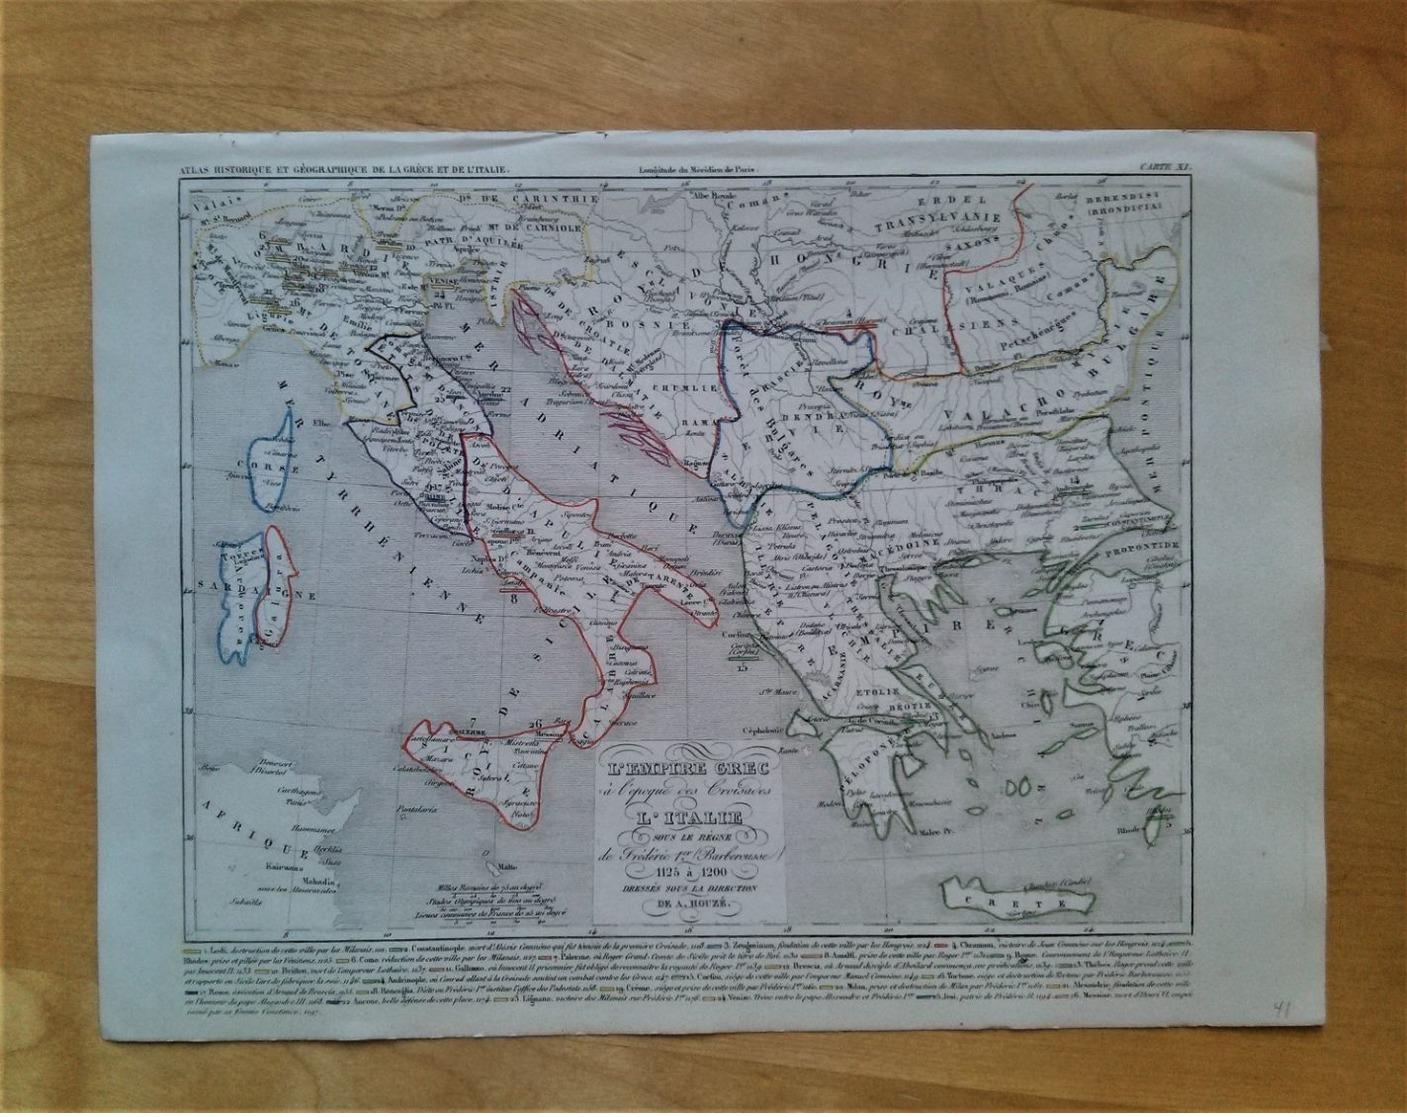 L'empire Grec à L'époque Des Croisades, L'Italie Sous Le Règne De Frédéric 1er Barberousse 1125 à 1200 Par A.Houzé - Mapas Geográficas